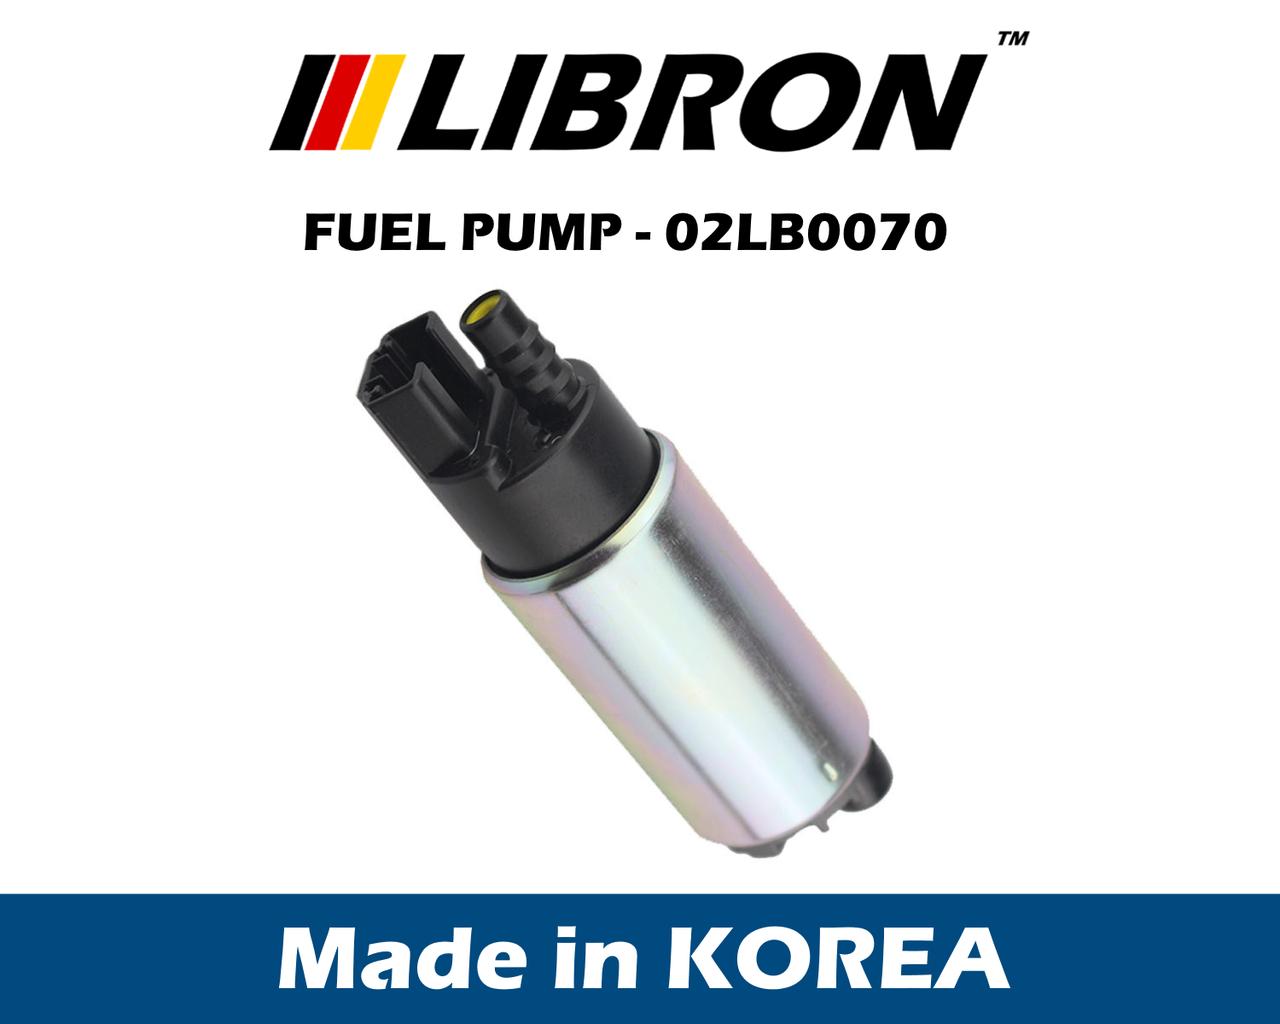 Топливный насос LIBRON 02LB0070 - SUBARU LEGACY I (1989-1994)